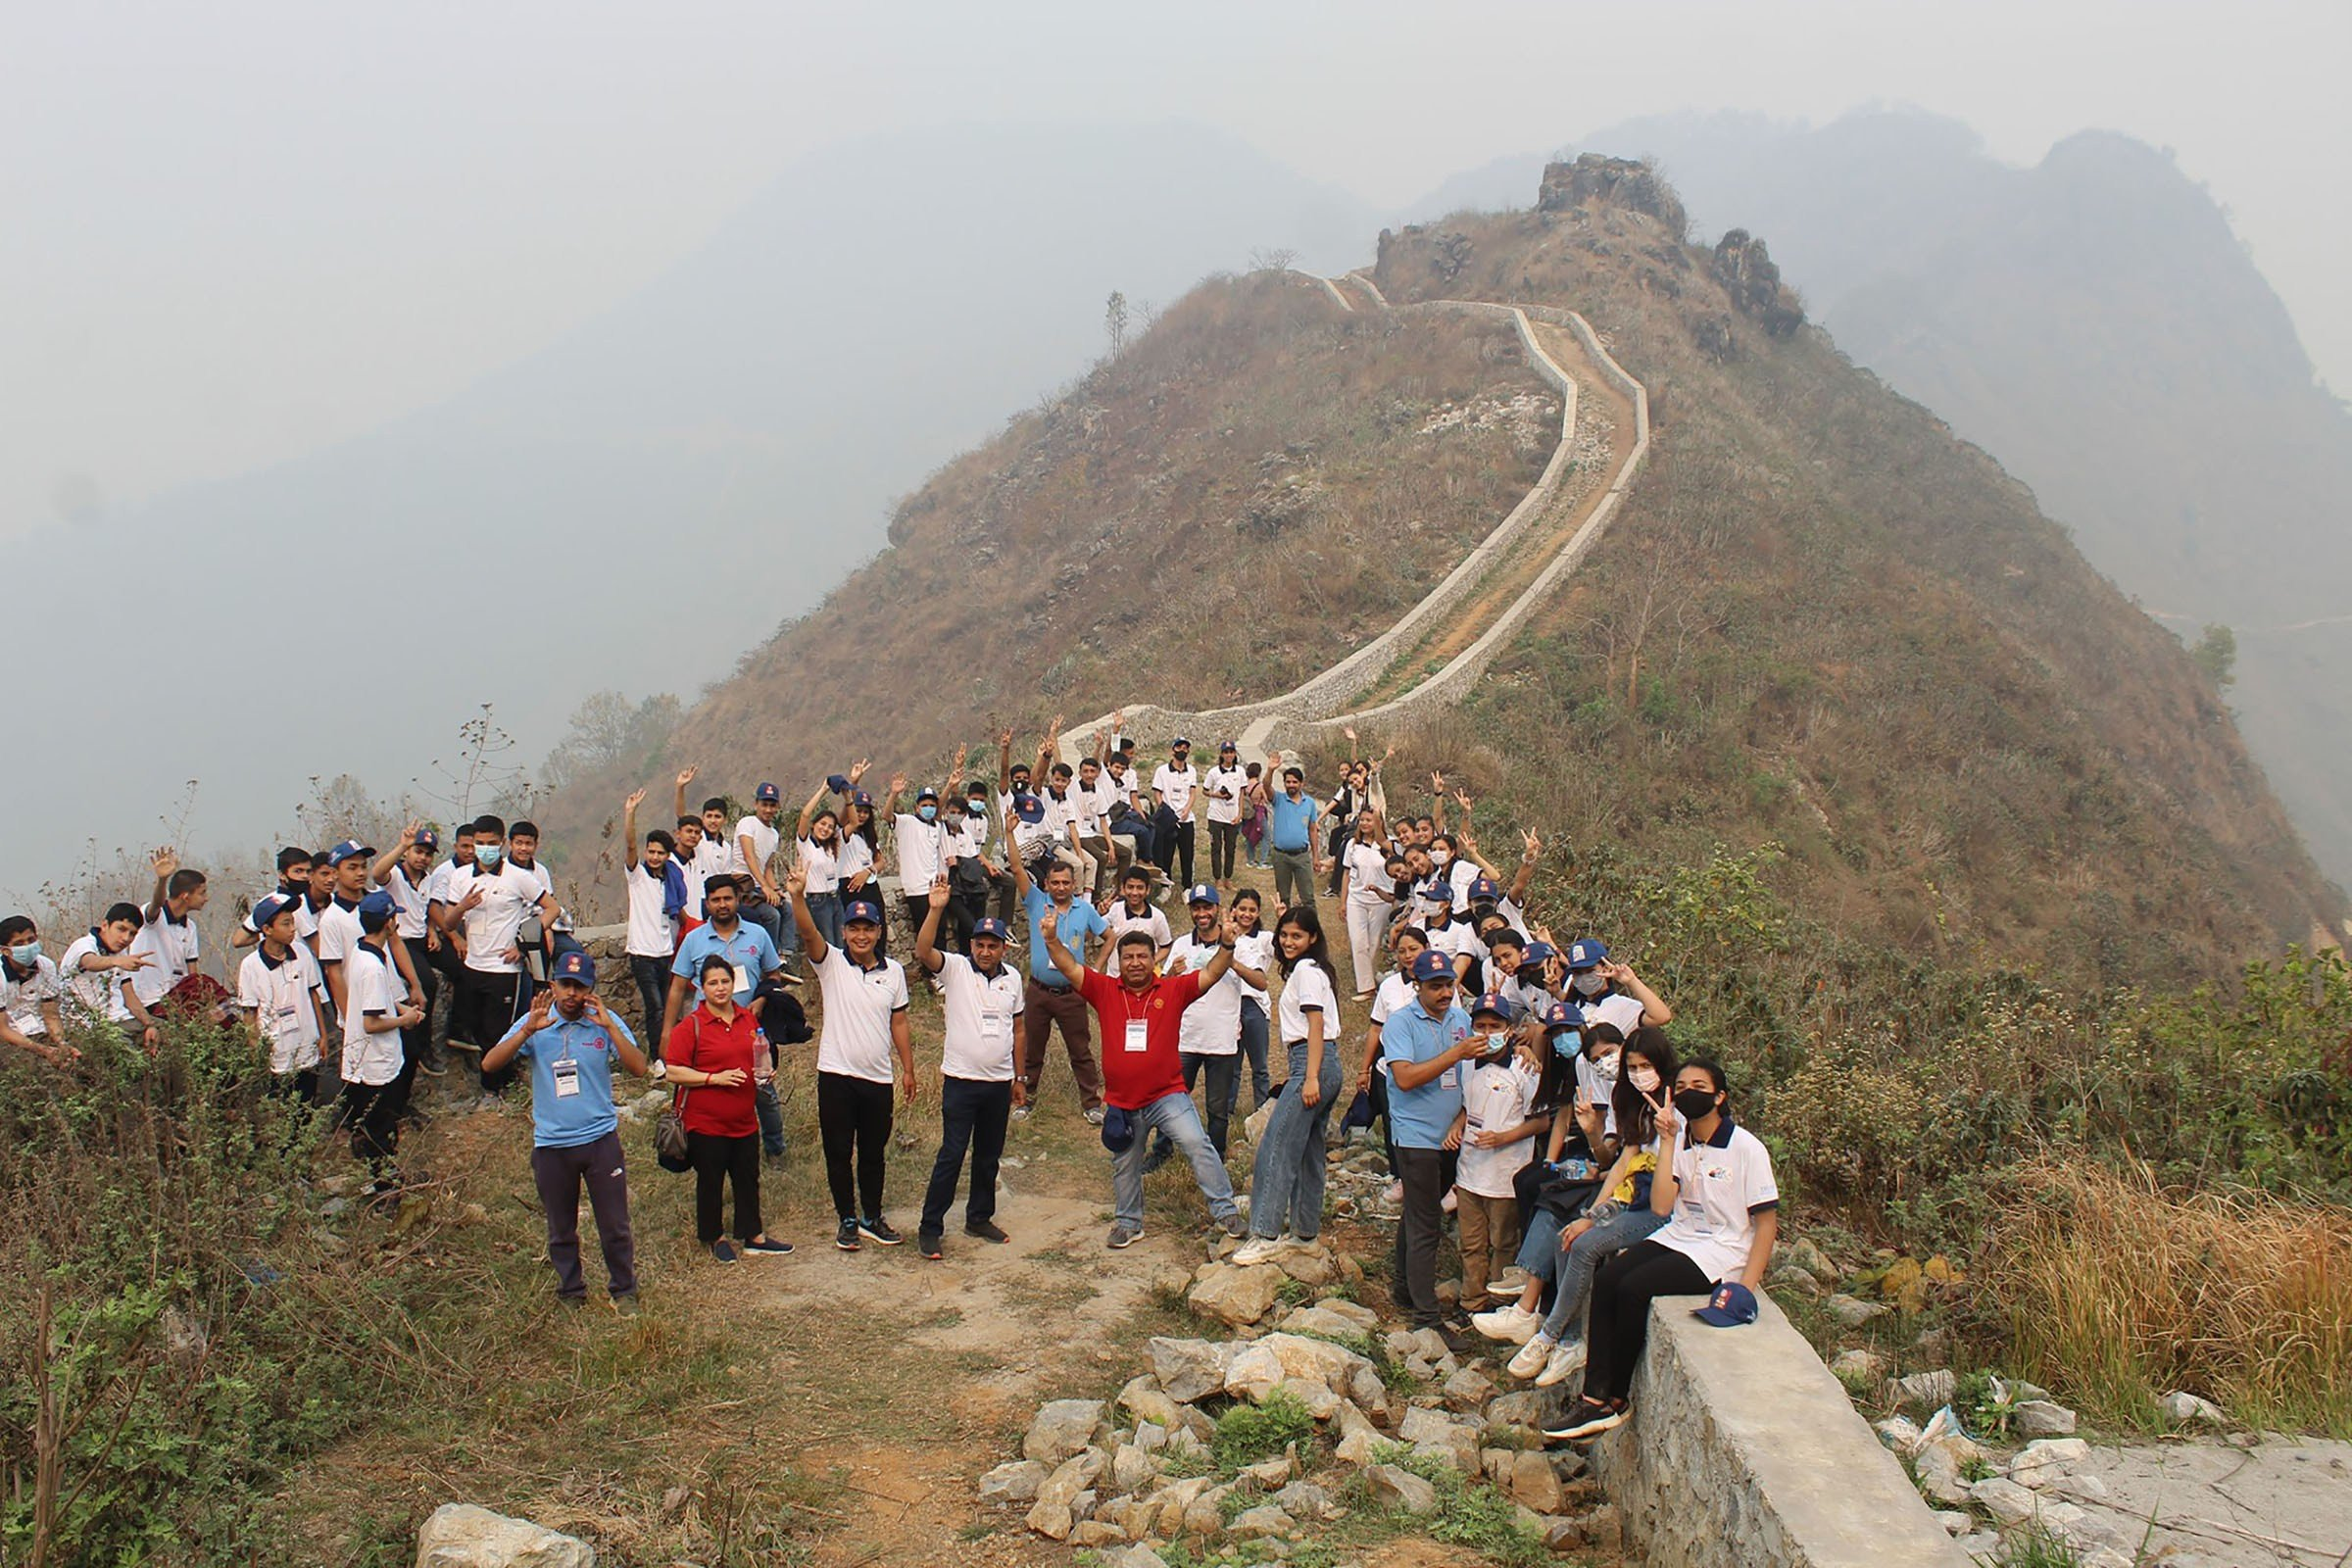 'मिनी ग्रेटवाल' मा आकर्षण, बन्दीपुरमा थप पर्यटक भित्रिँदै